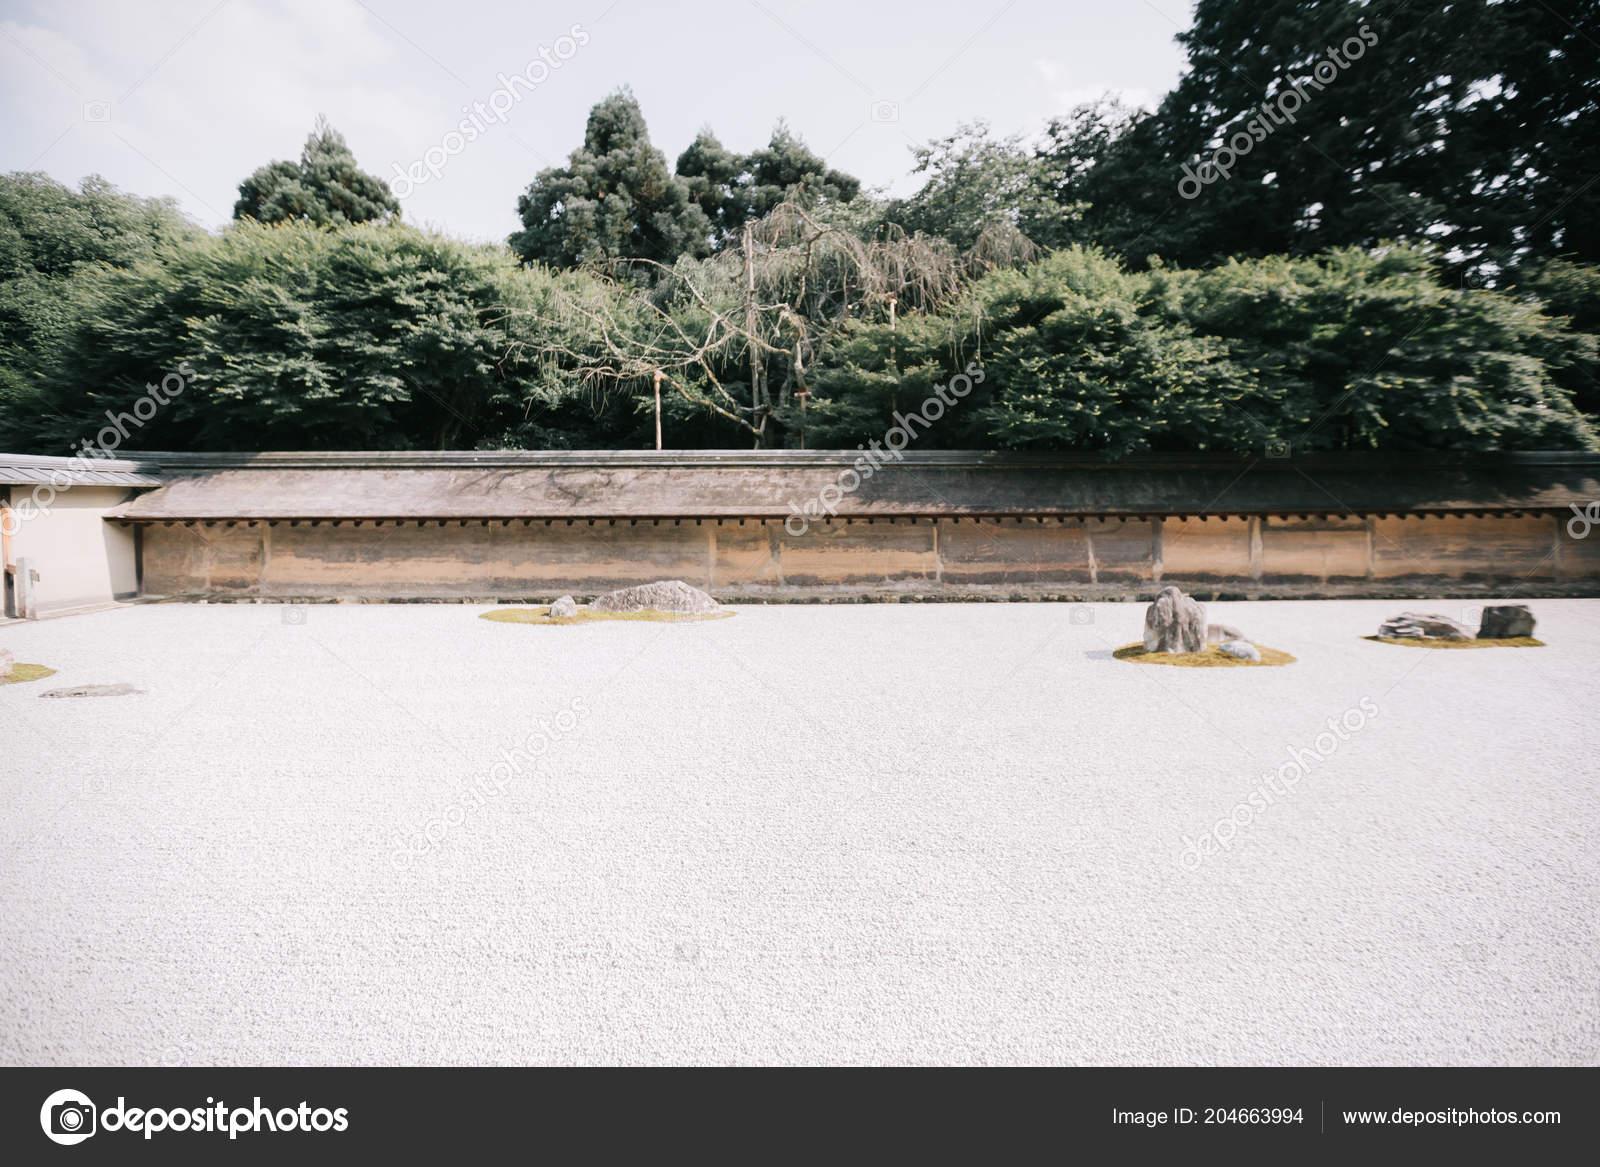 Japanese Zen Stone Garden Green Maple Leaves Film Vintage